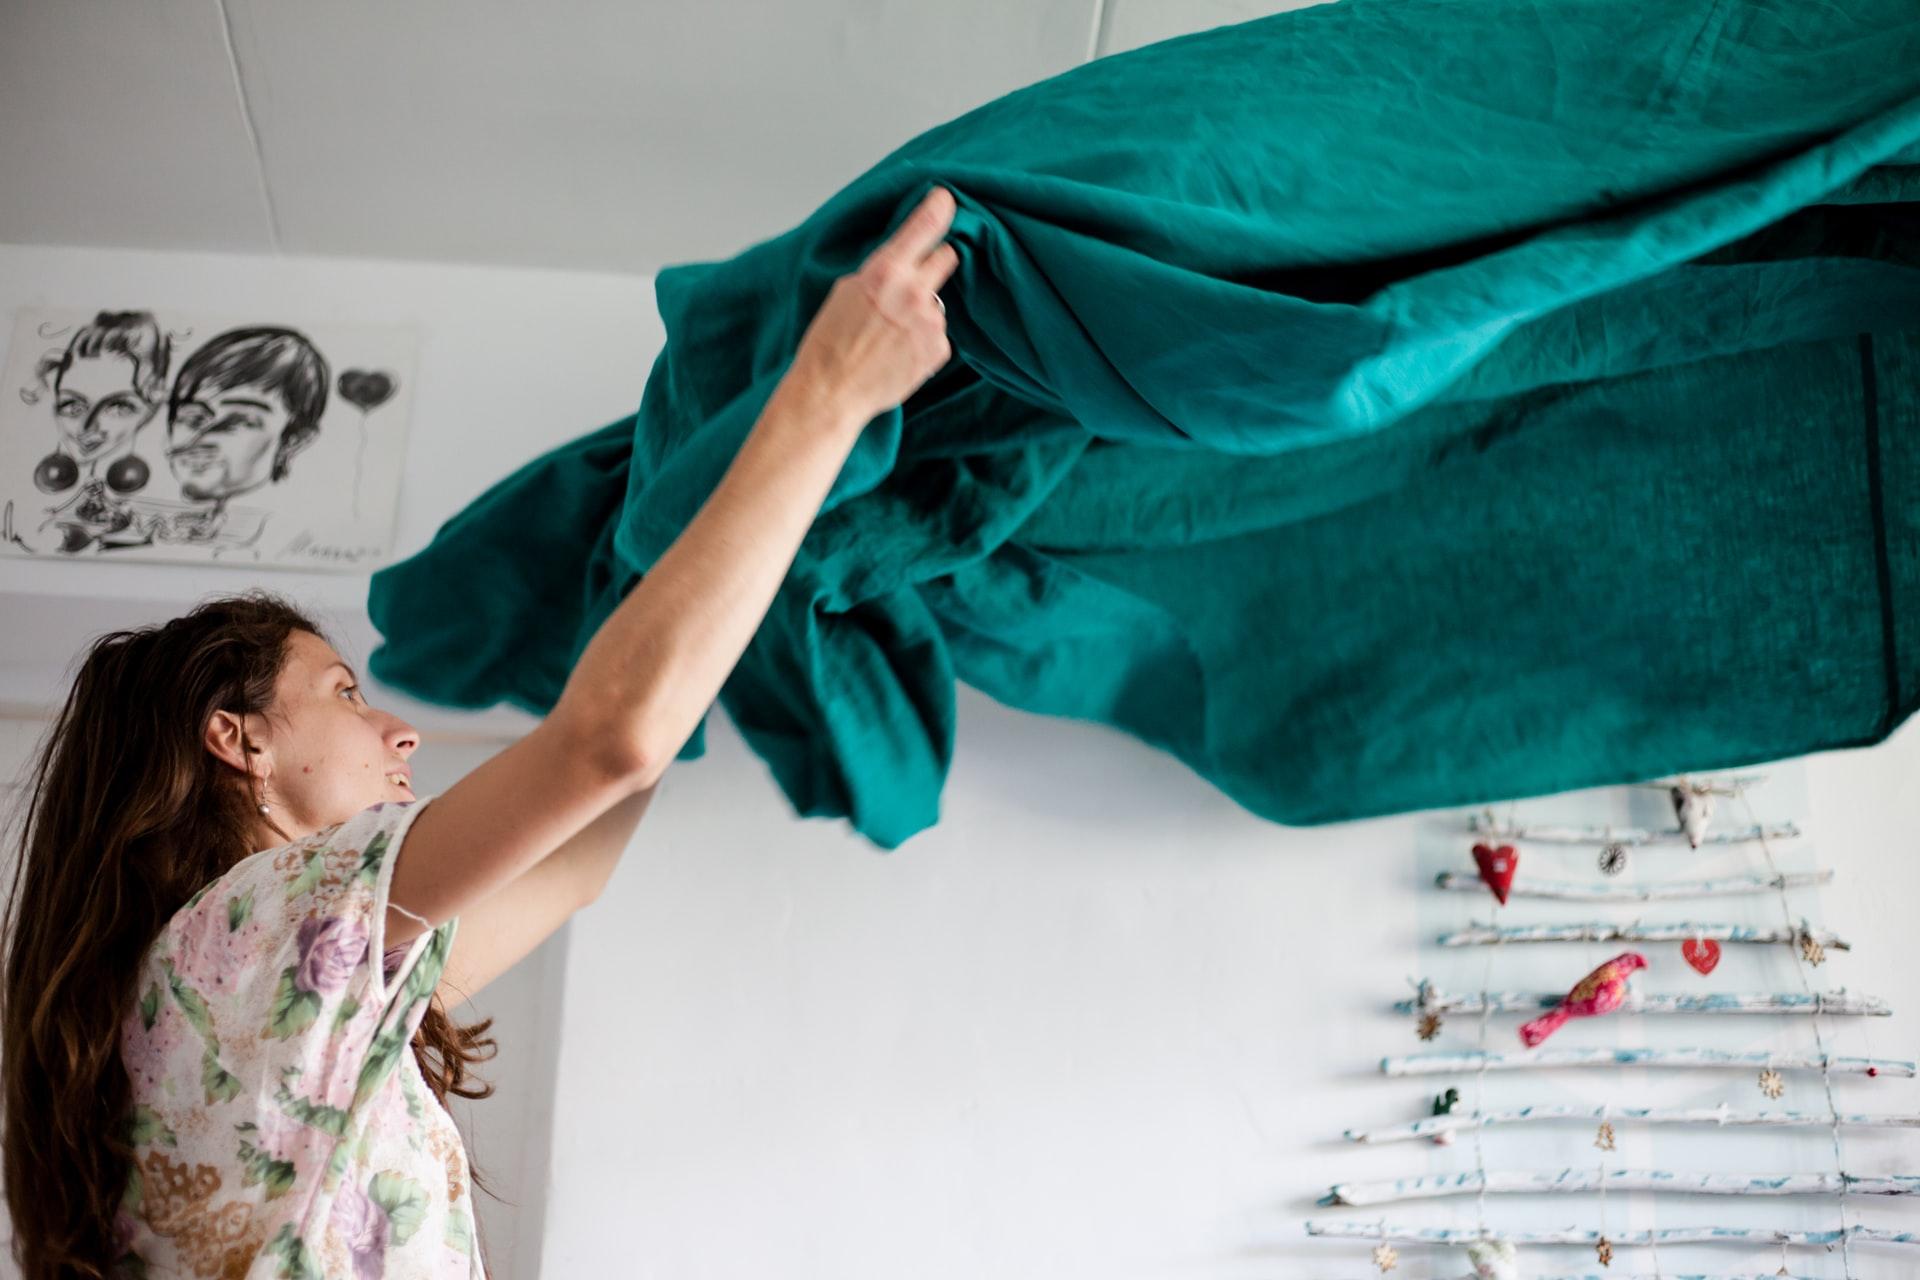 chica limpiando su casa